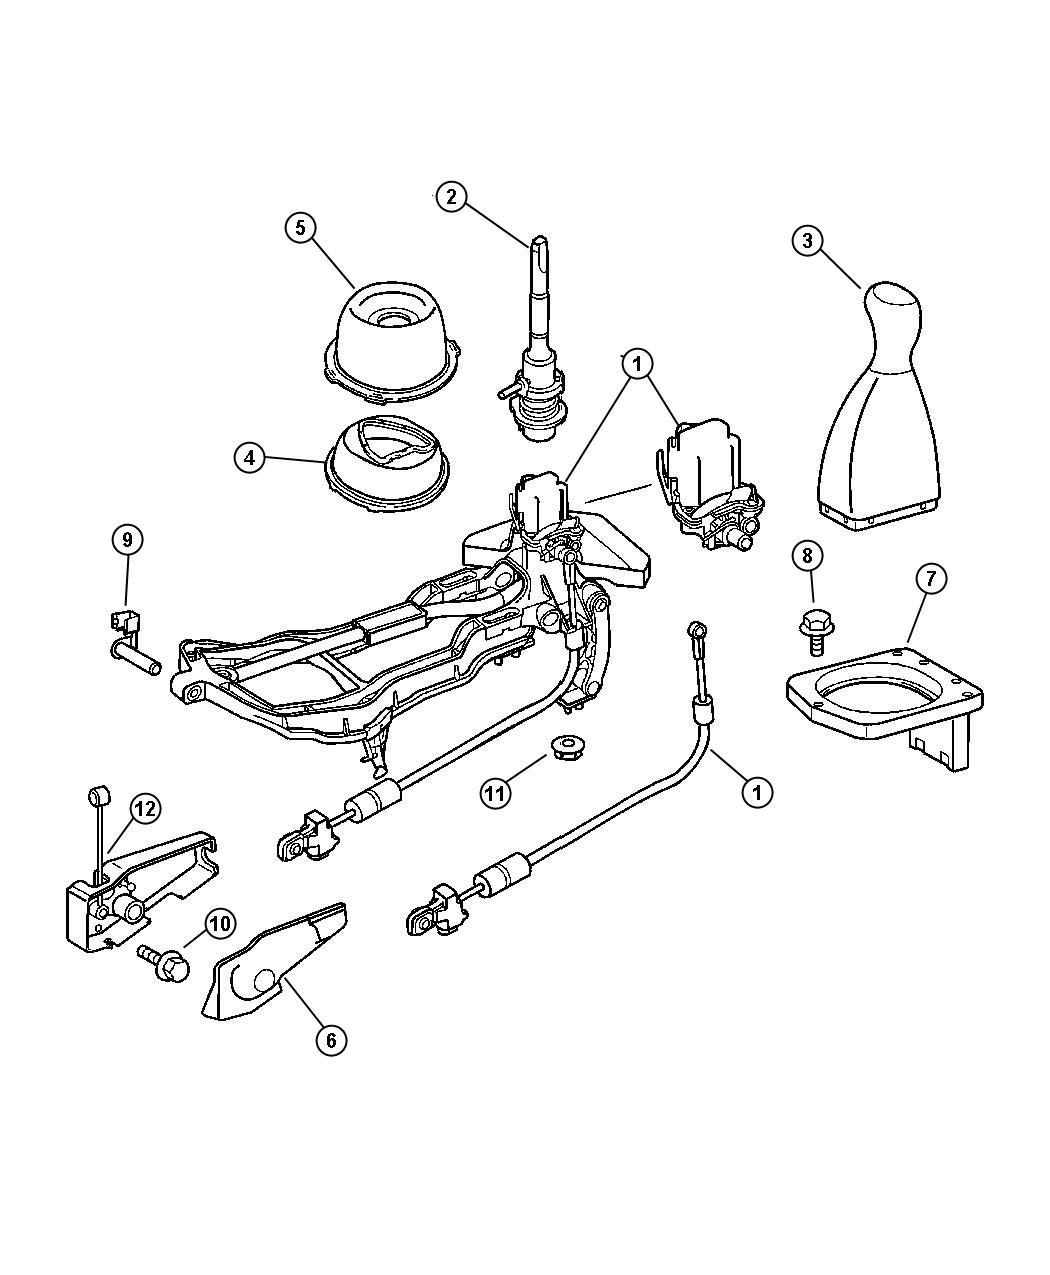 2008 Cadillac Escalade Headlight Replacement